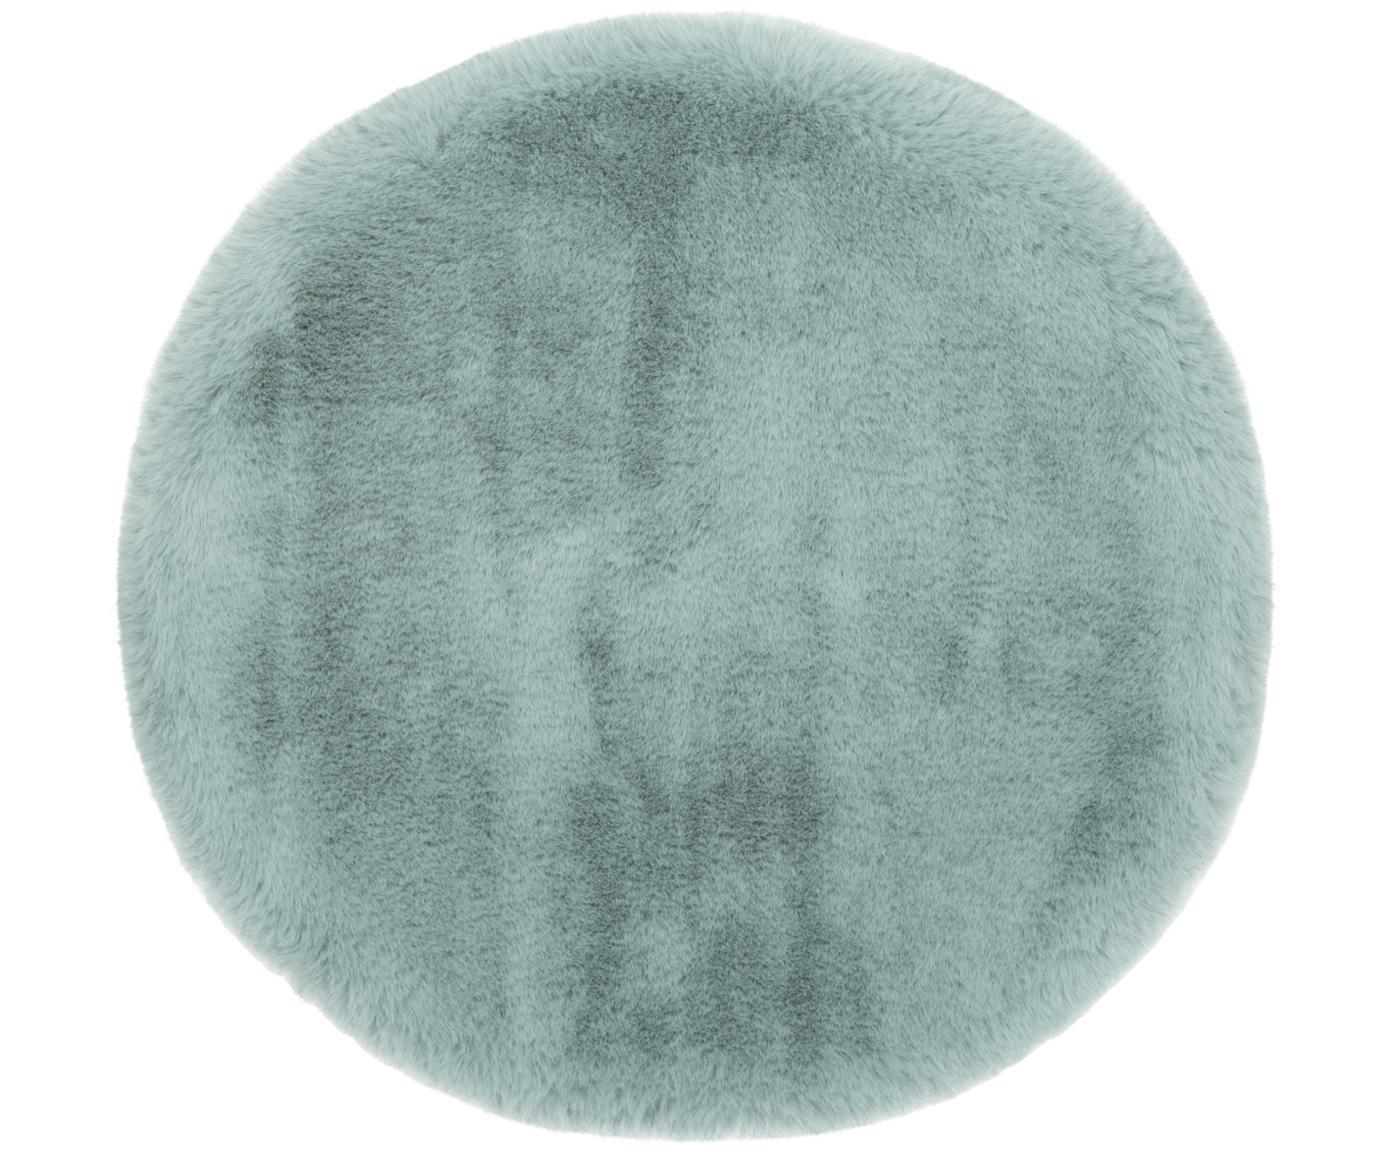 Runde Kunstfell-Sitzauflage Mette, glatt, Vorderseite: 100% Polyester, Rückseite: 100% Polyester, Grün, Ø 37 cm